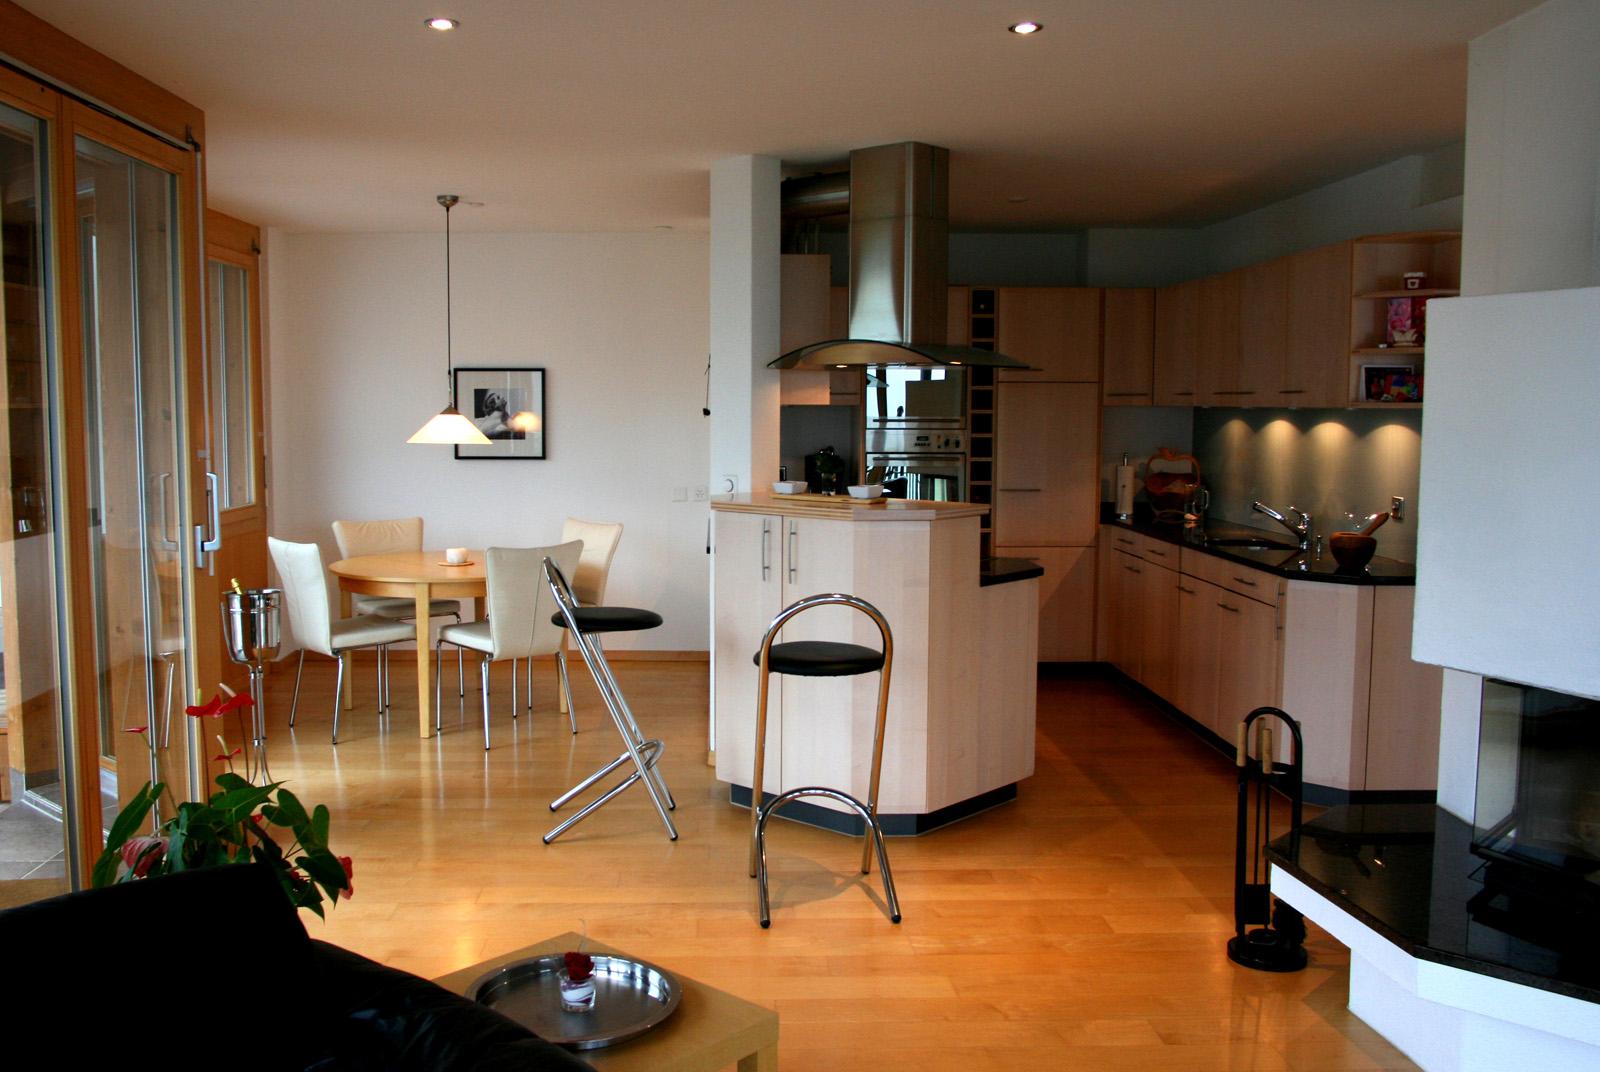 alphaven-køkken-lejlighed-a